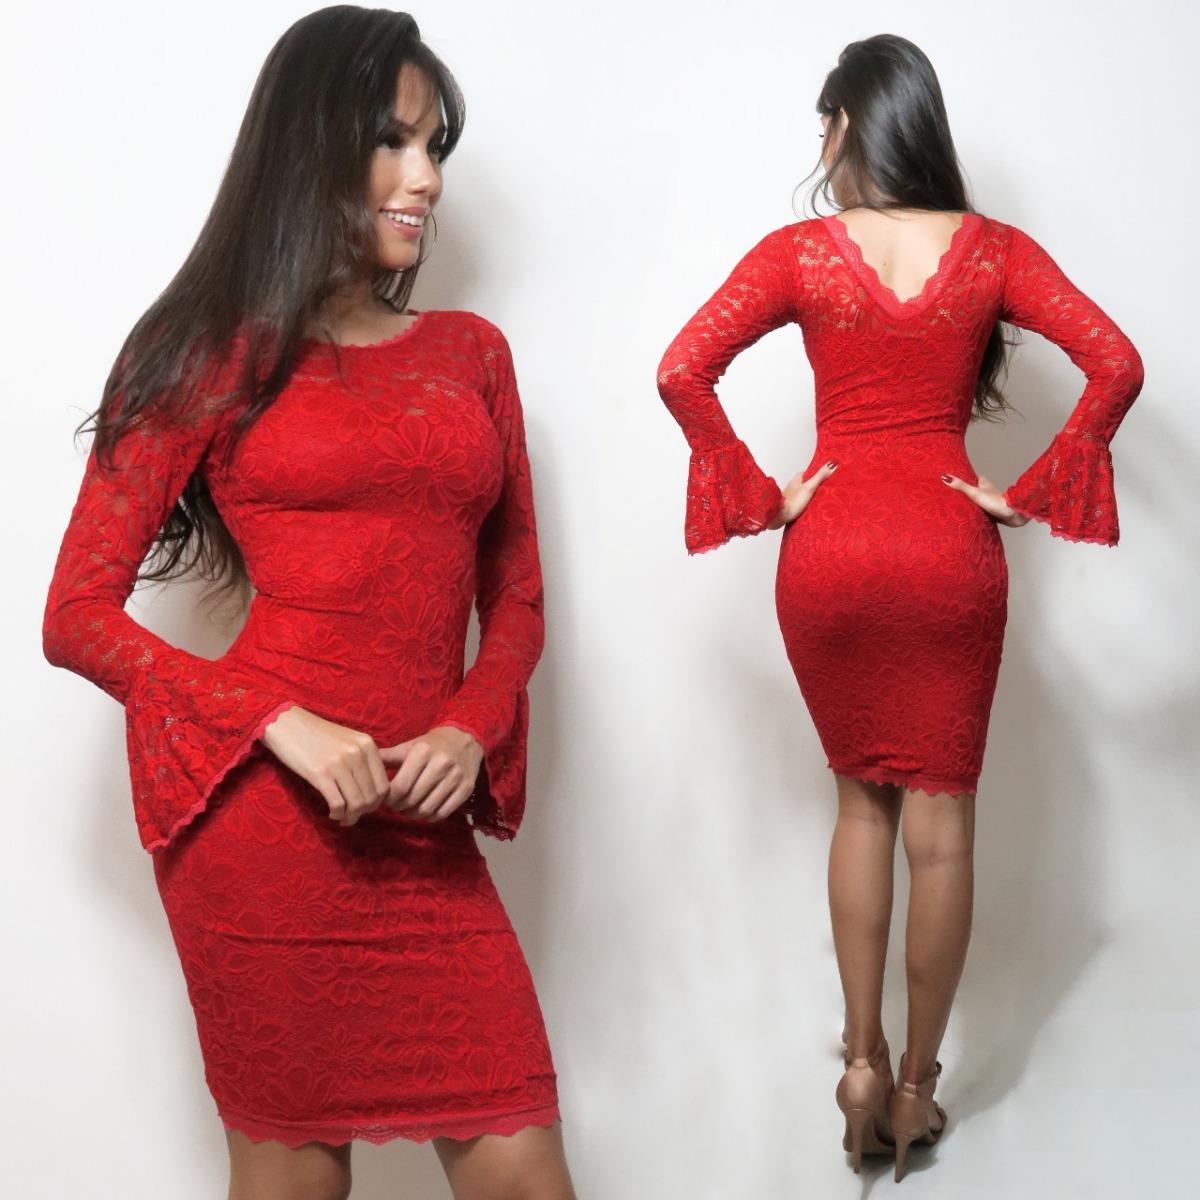 479d7c449 vestido renda manga flare chique luxo vermelho sexy vrm50. Carregando zoom.